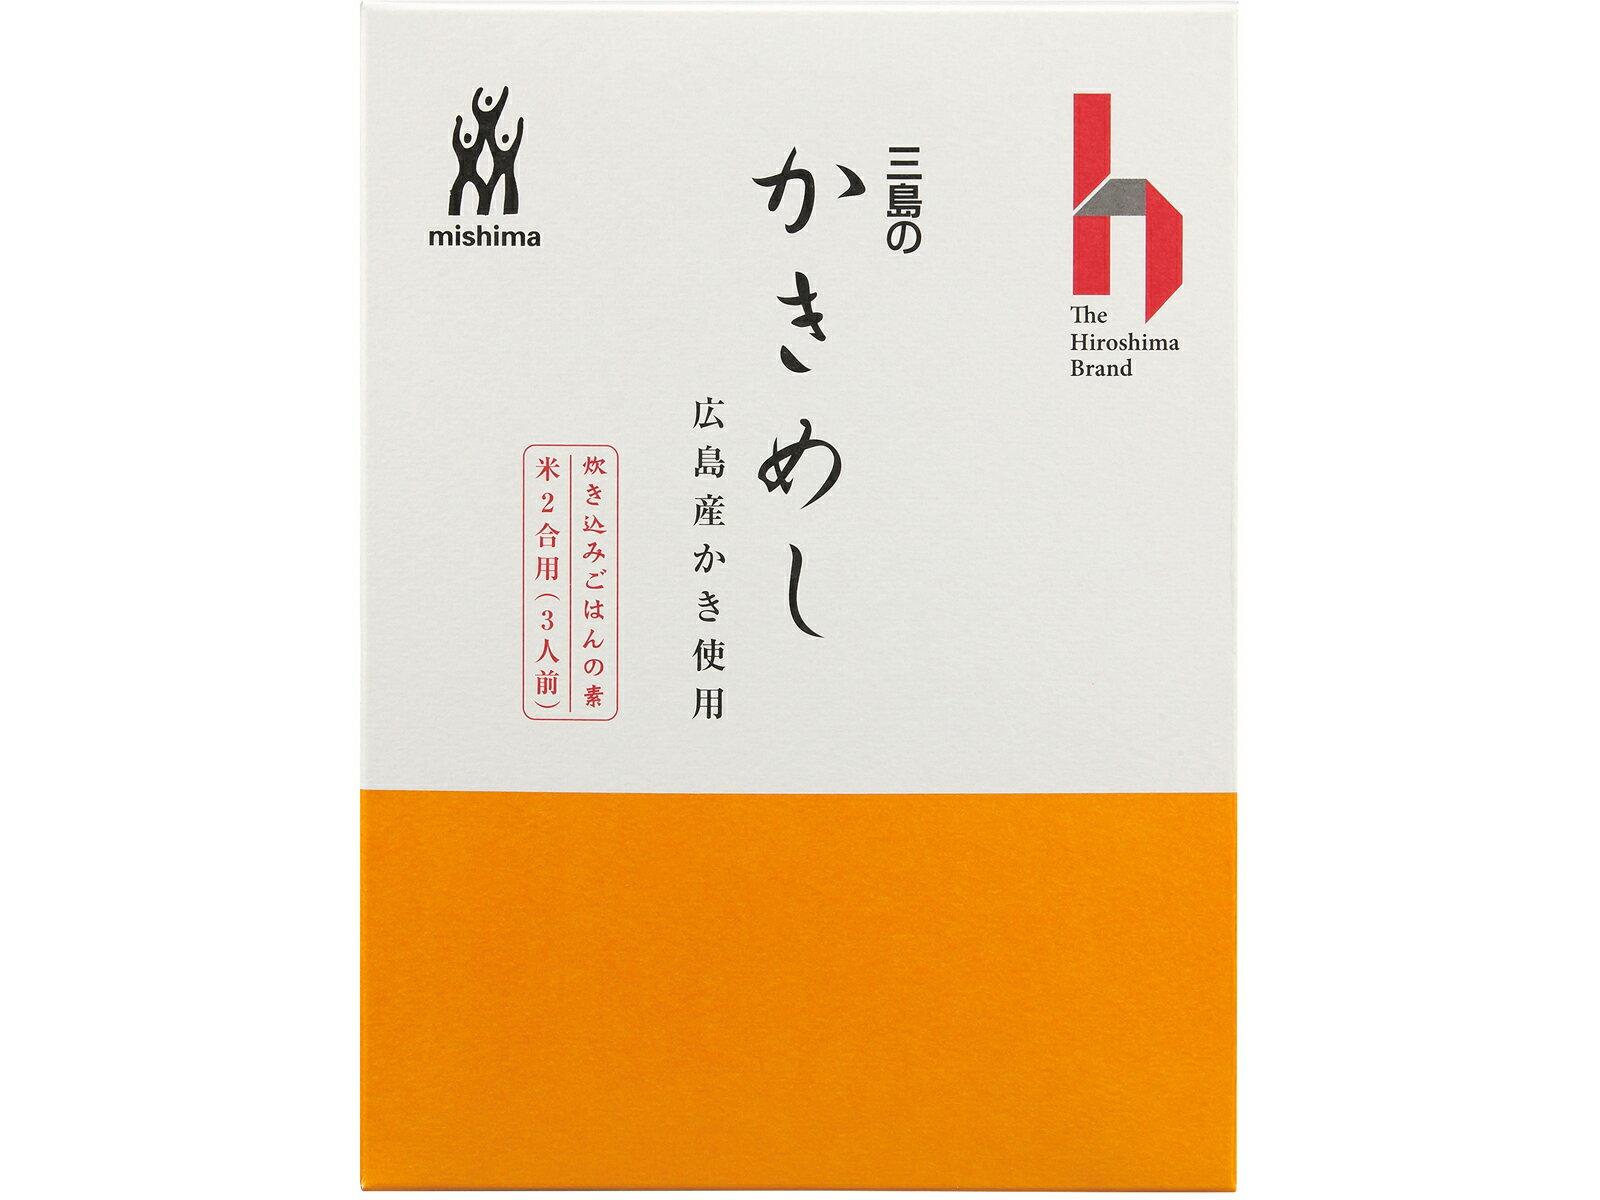 かきめし(米2合用(3人前)) 155g